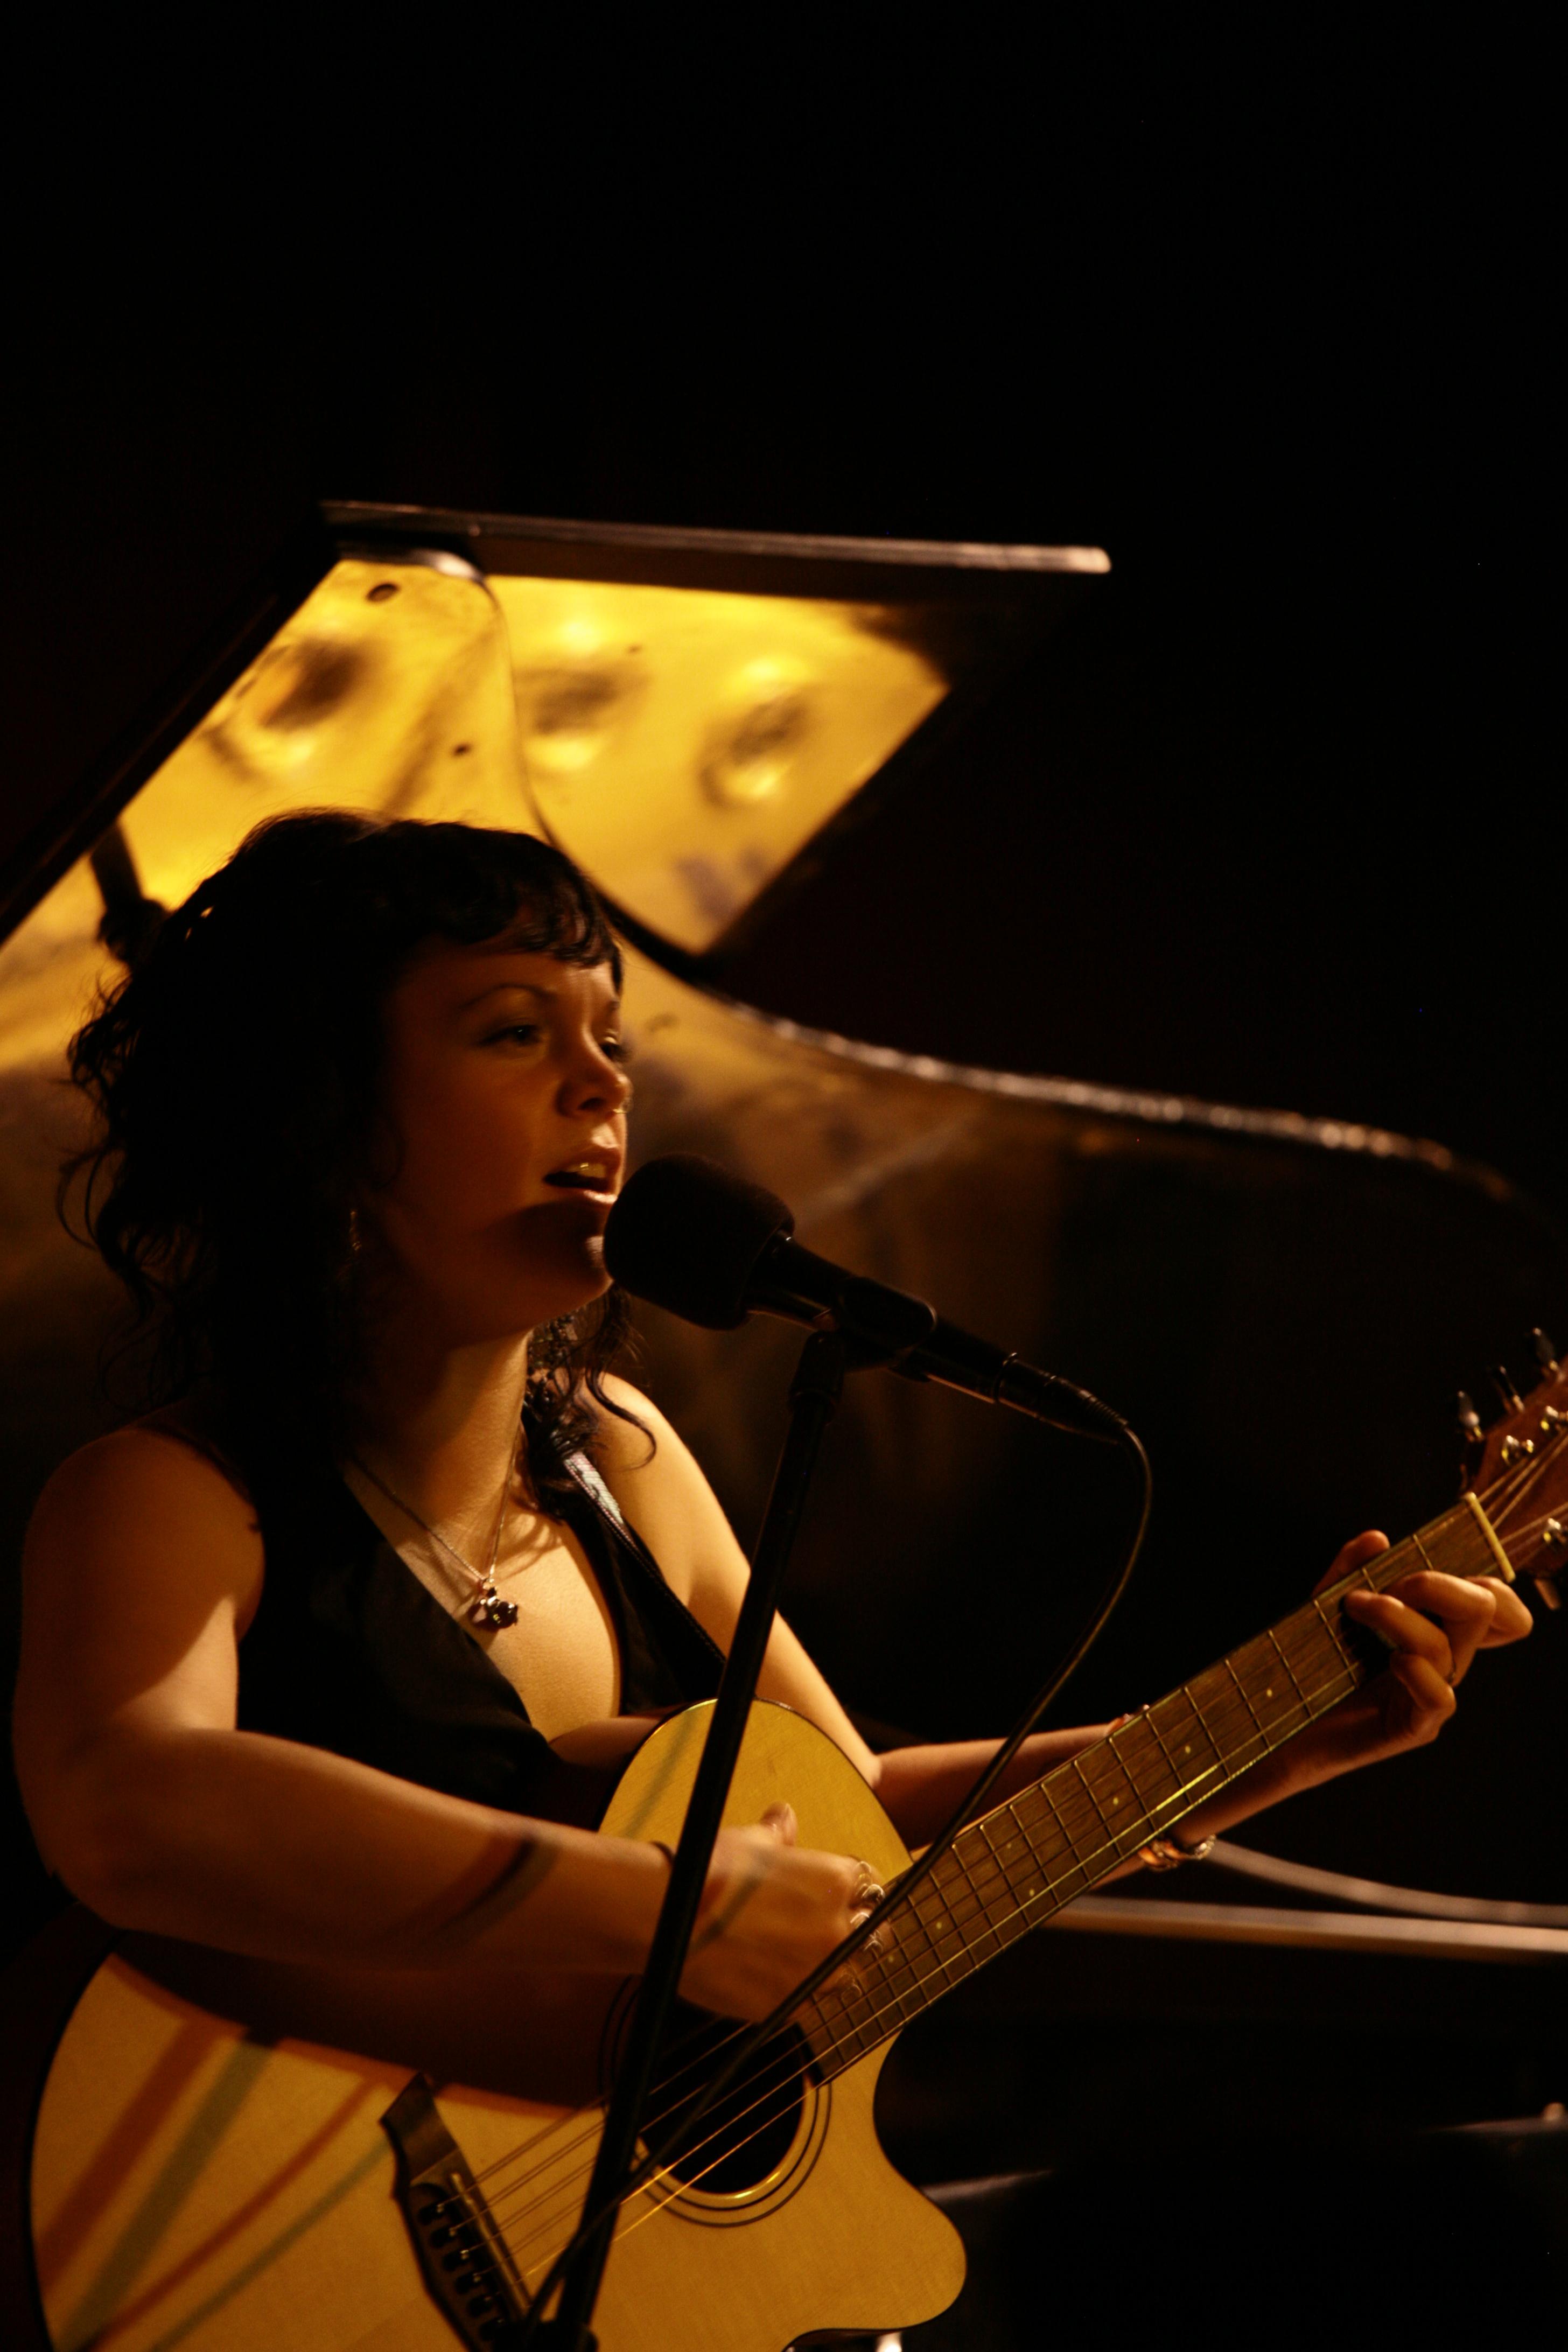 Allison Crowe Konzert im Siegen